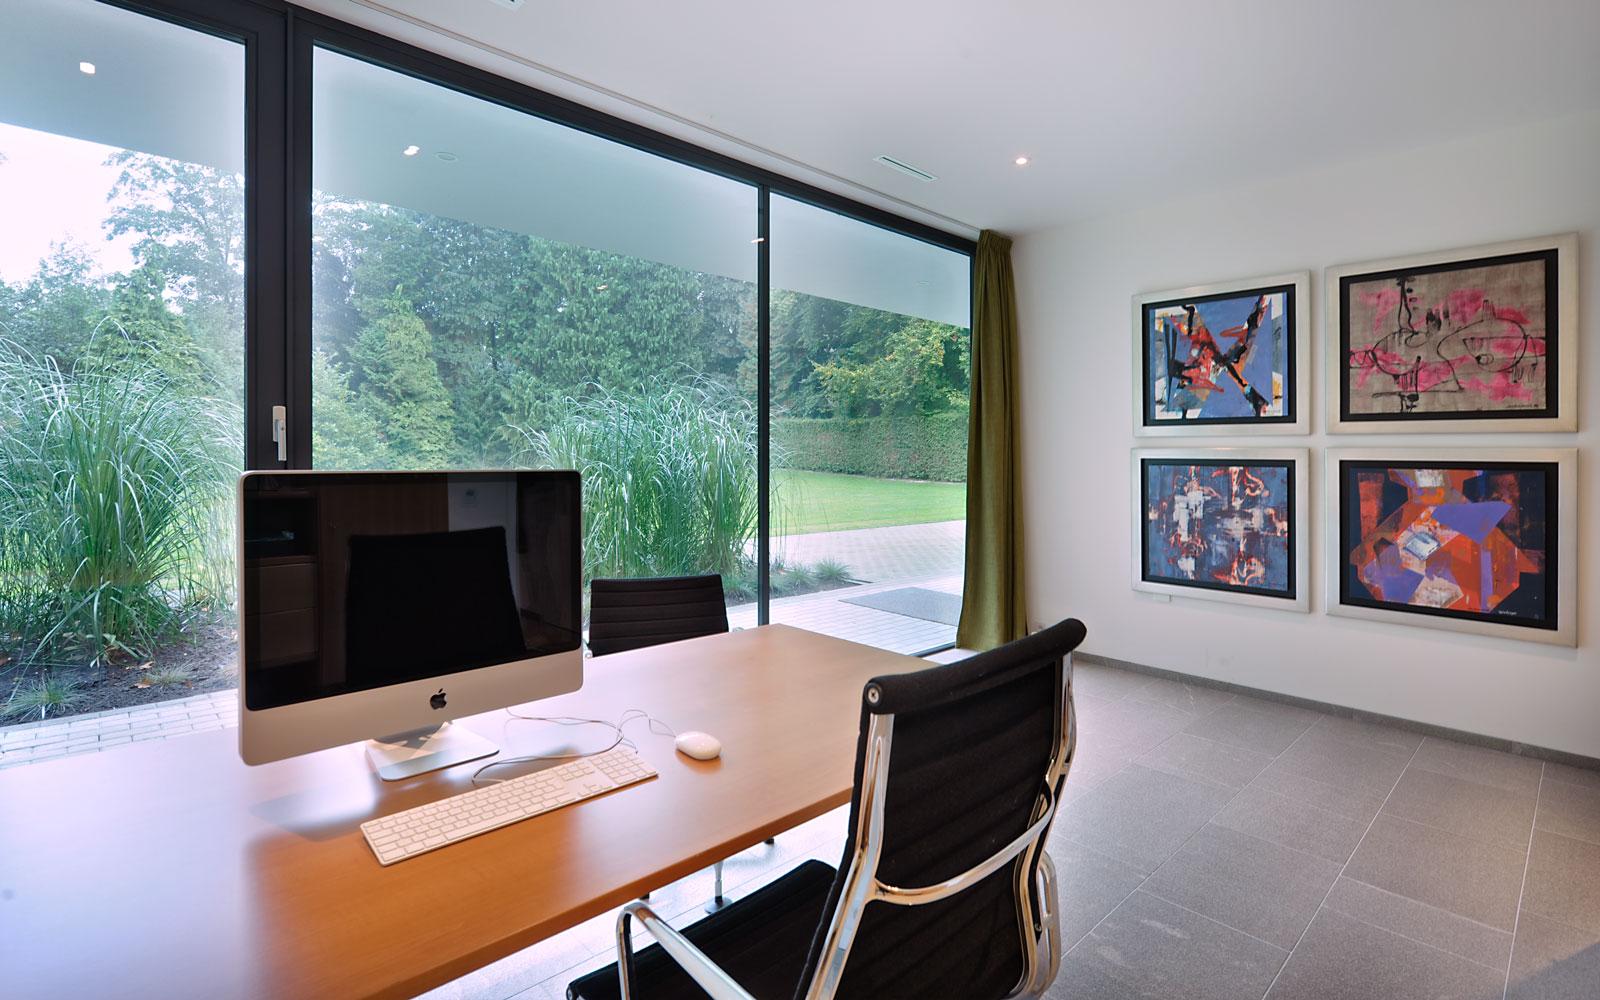 Studeerkamer, bureau, kunst, schilderijen, grote ramen, zicht op de tuin, modern landhuis, Maas Achitecten